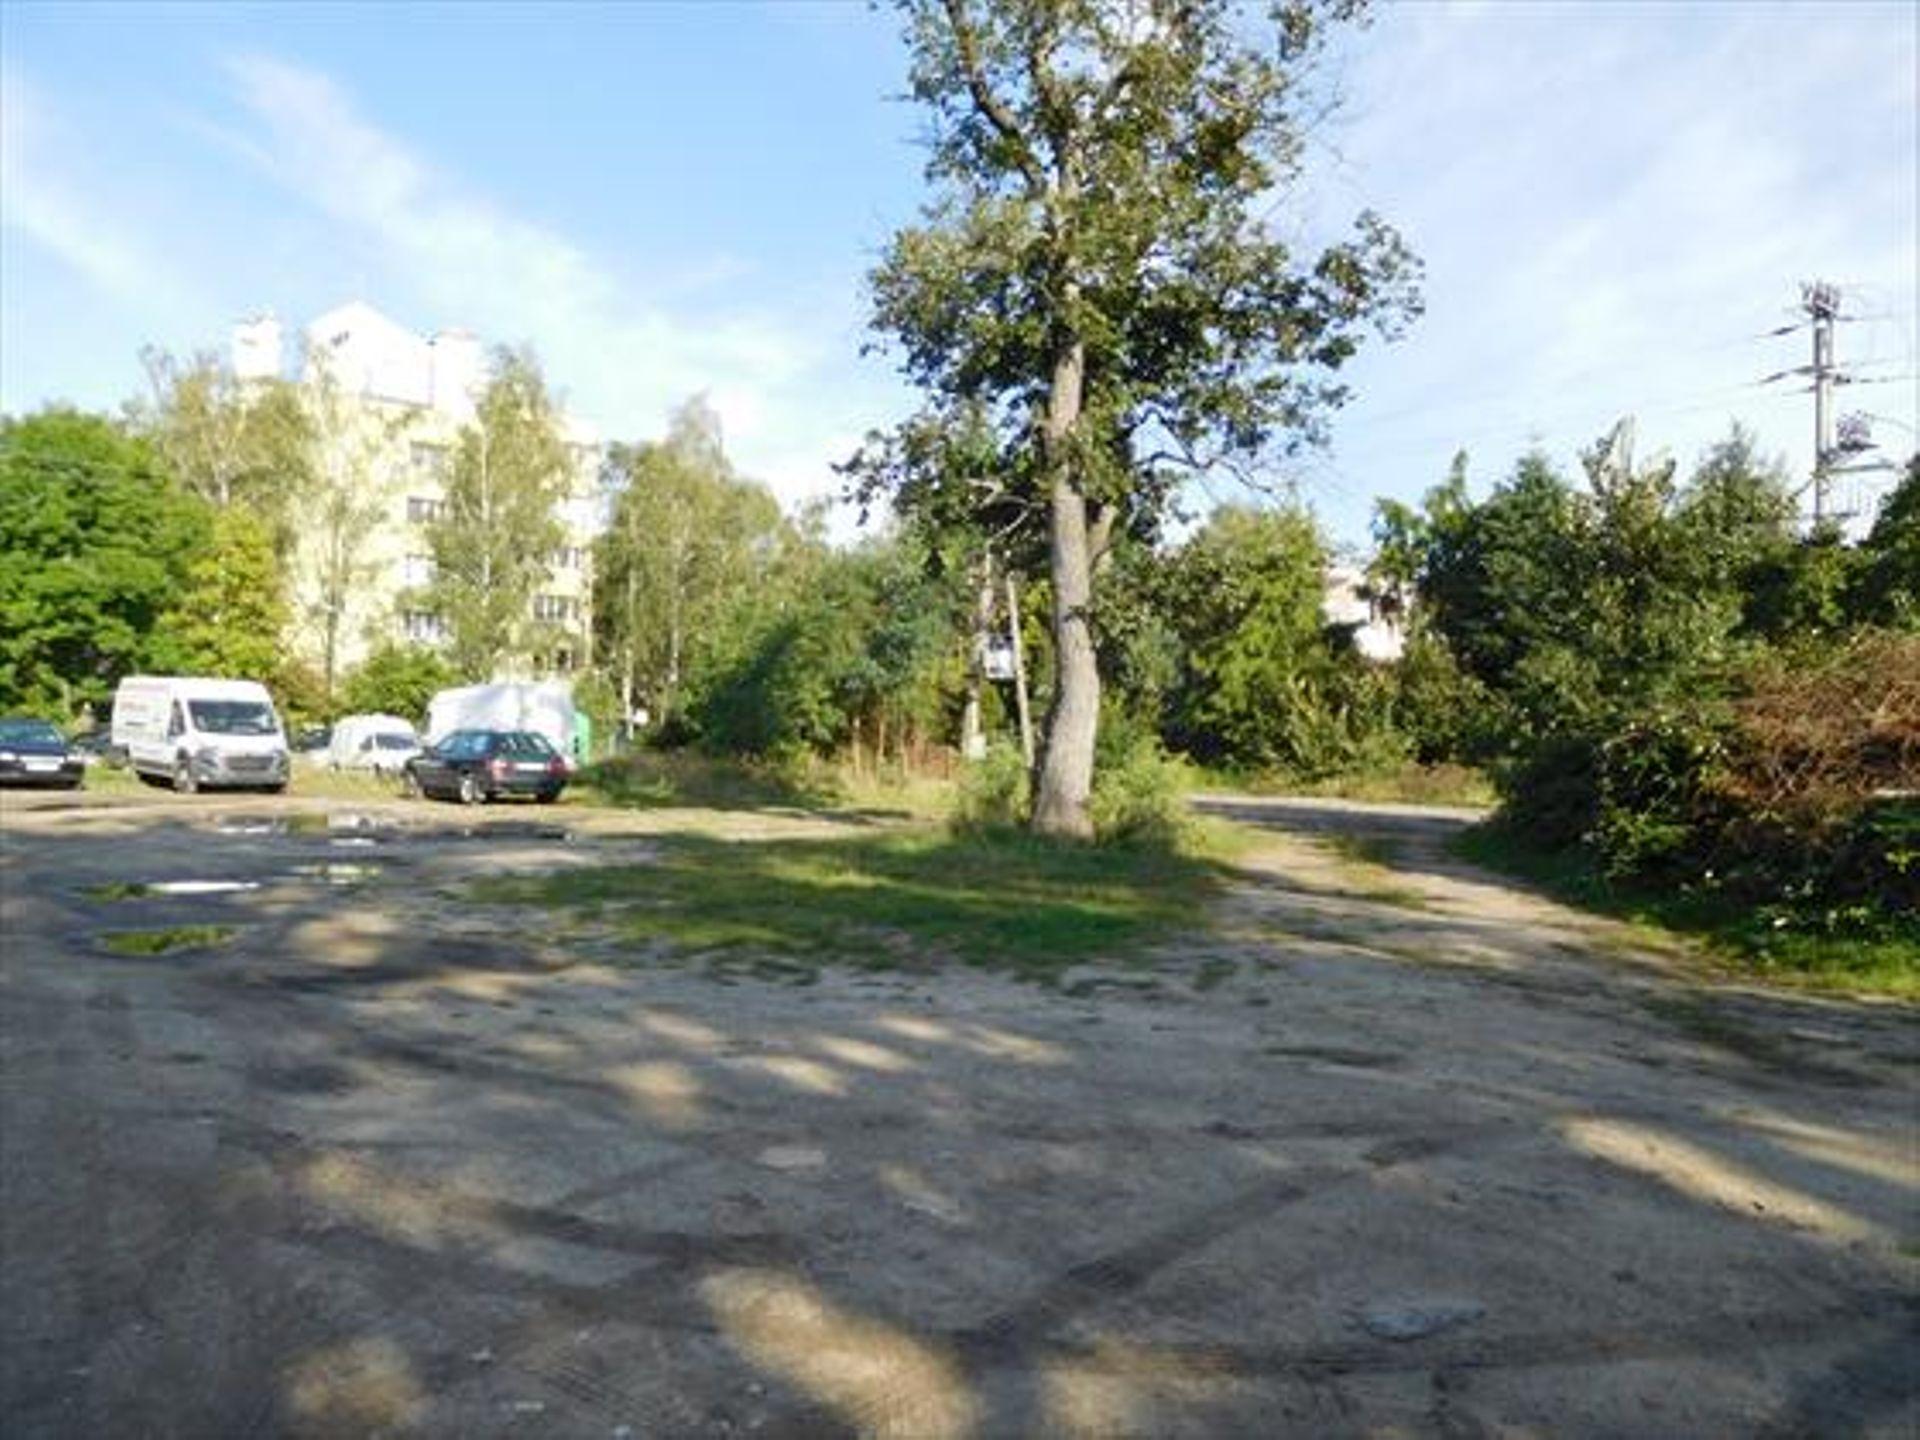 Wrocław: Miał być parking, będą biura? Miasto jednak sprzeda nieruchomość